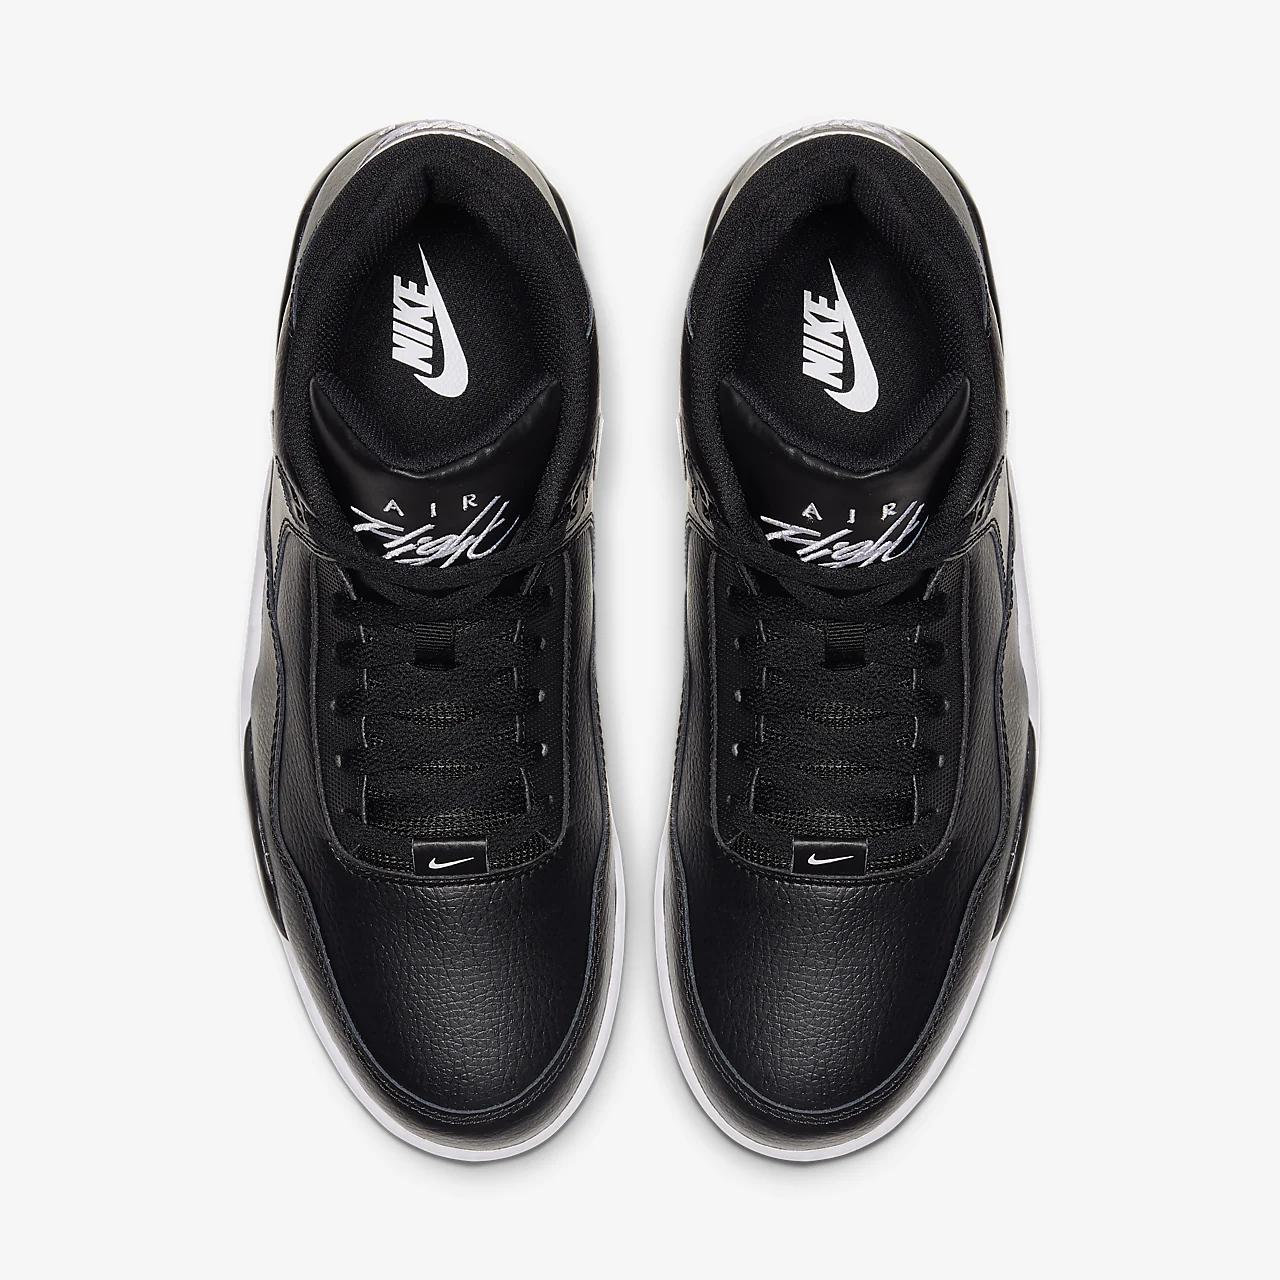 나이키 플라이트 레거시 남성 신발 BQ4212-002